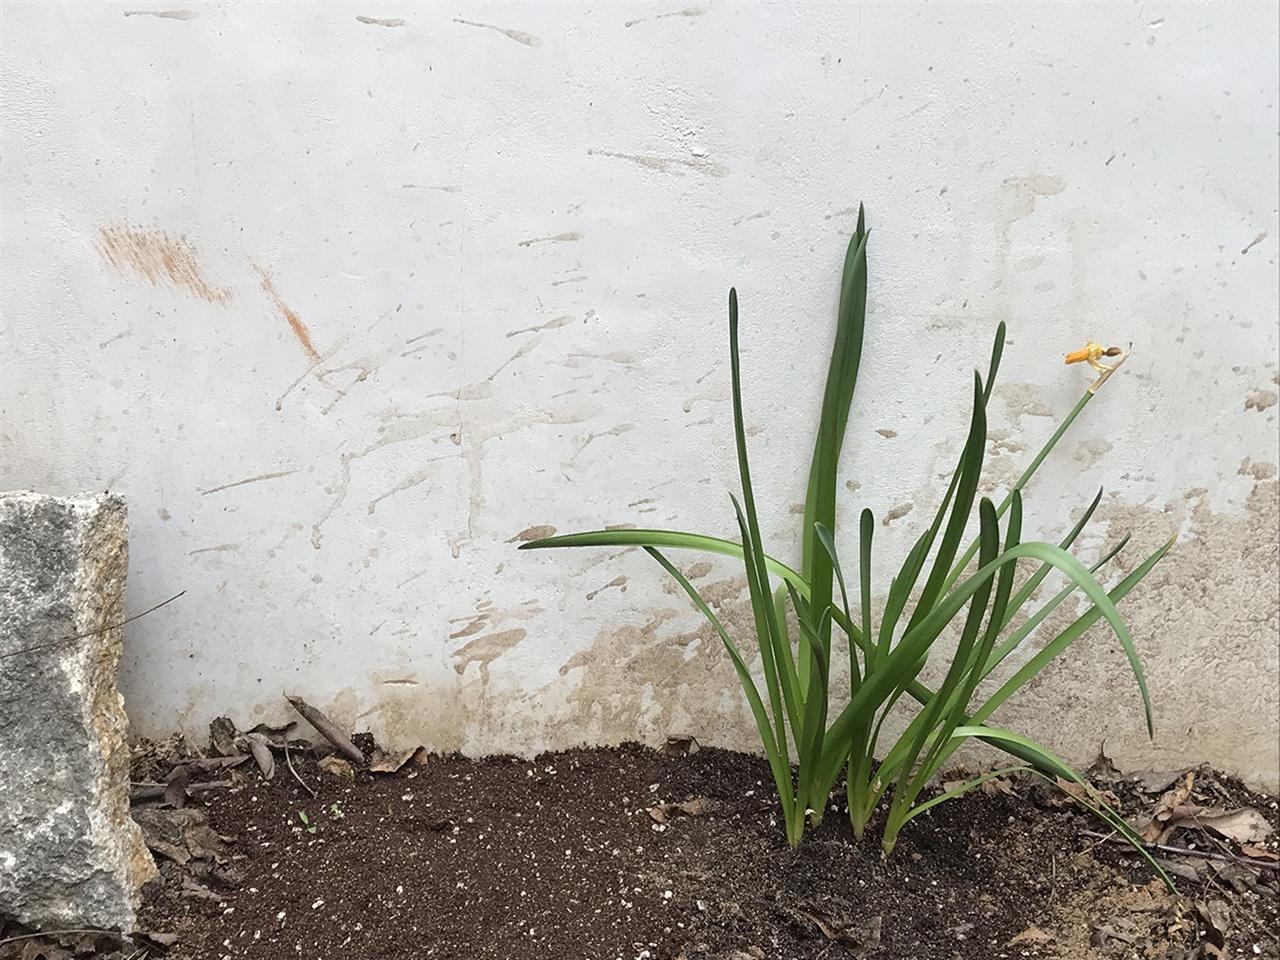 수선화는 마당에서 자리를 잘 잡을까? 패랭이는 다시 한 번 흙을 이겨내고 하늘을 향해 얼굴을 잘 내밀까? 좋은 흙, 양지 바른 땅에 잘 옮겨두었으니 다음의 일은 이들의 몫이다. 나는 그저 응원할 뿐